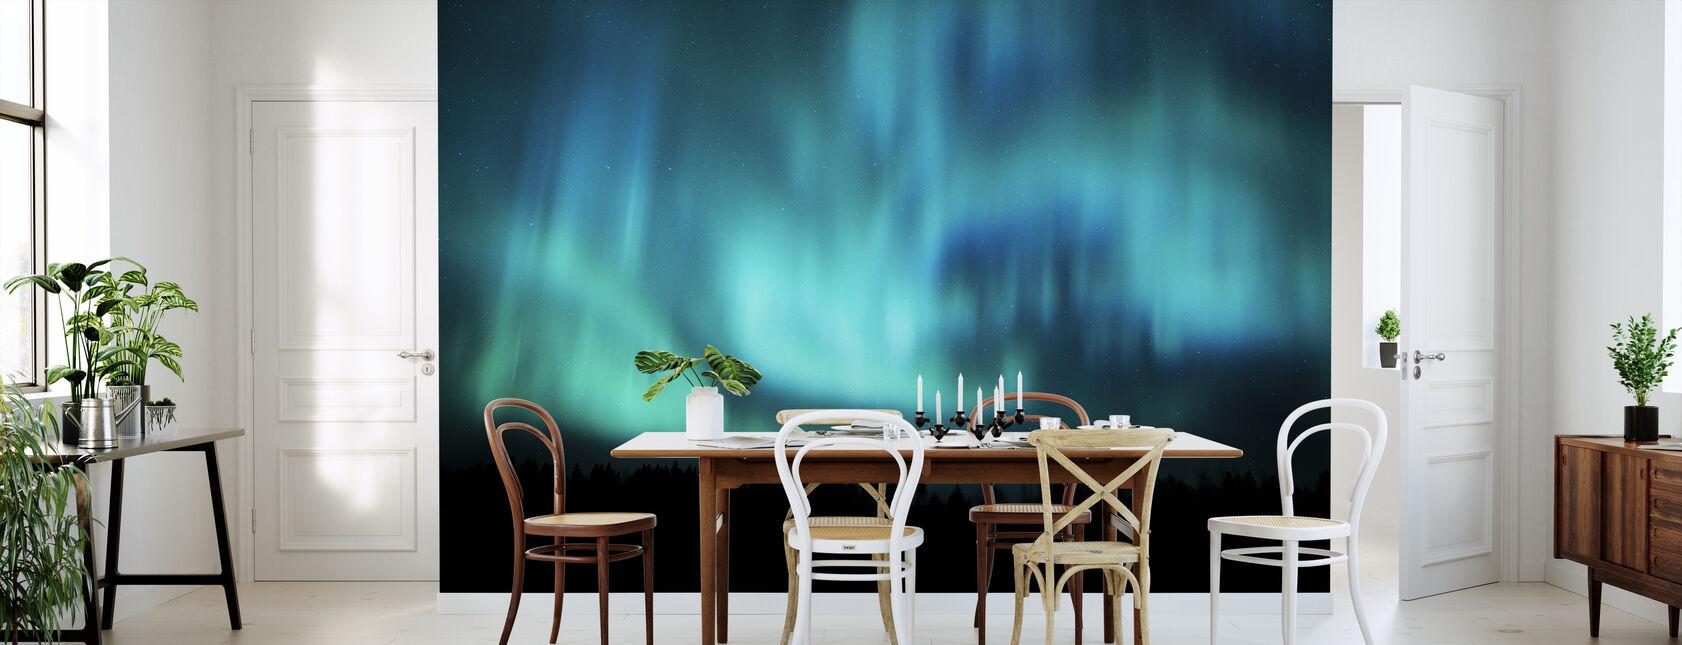 Northern Lights - Wallpaper - Kitchen